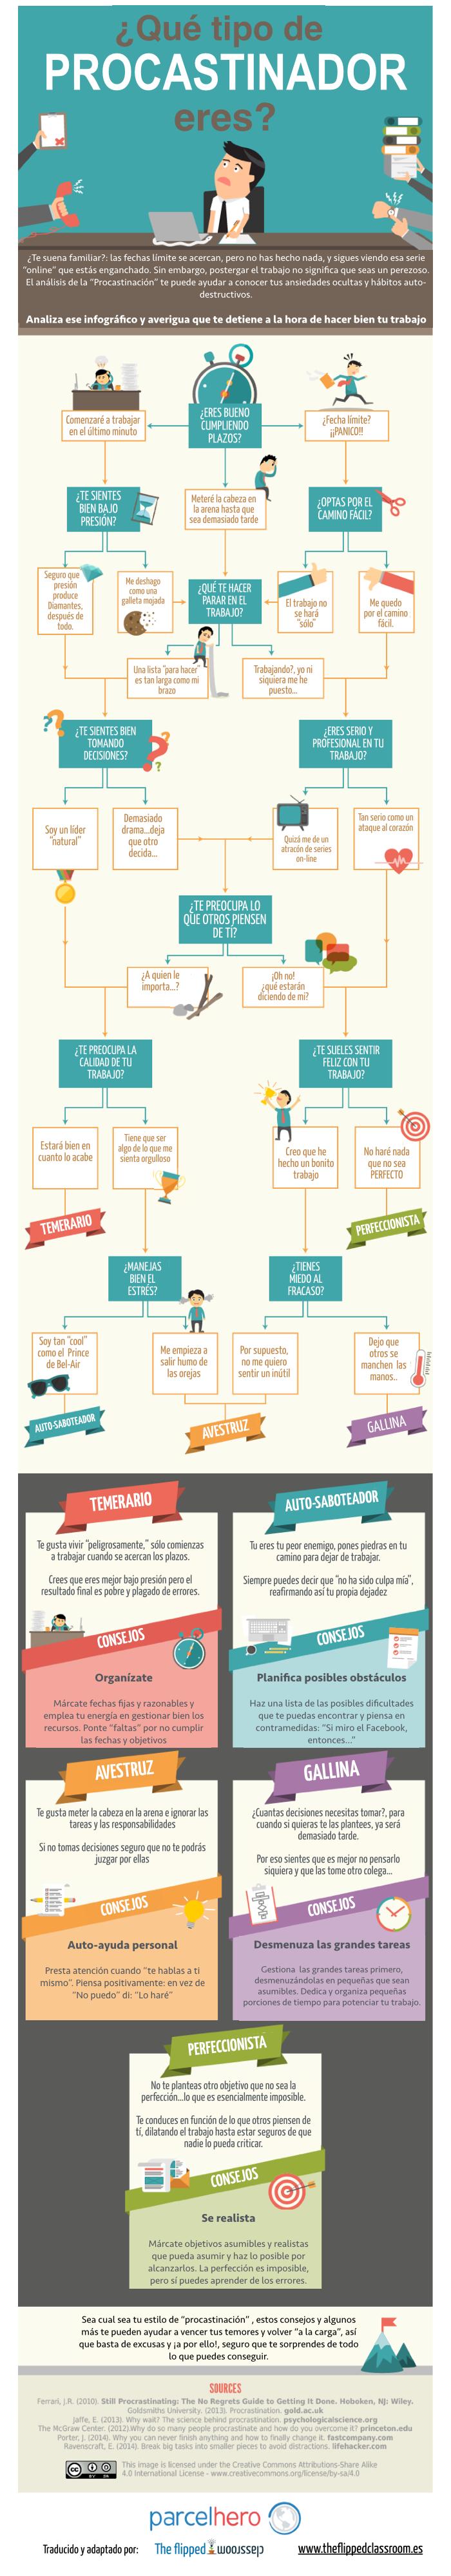 procrastinador-infografia